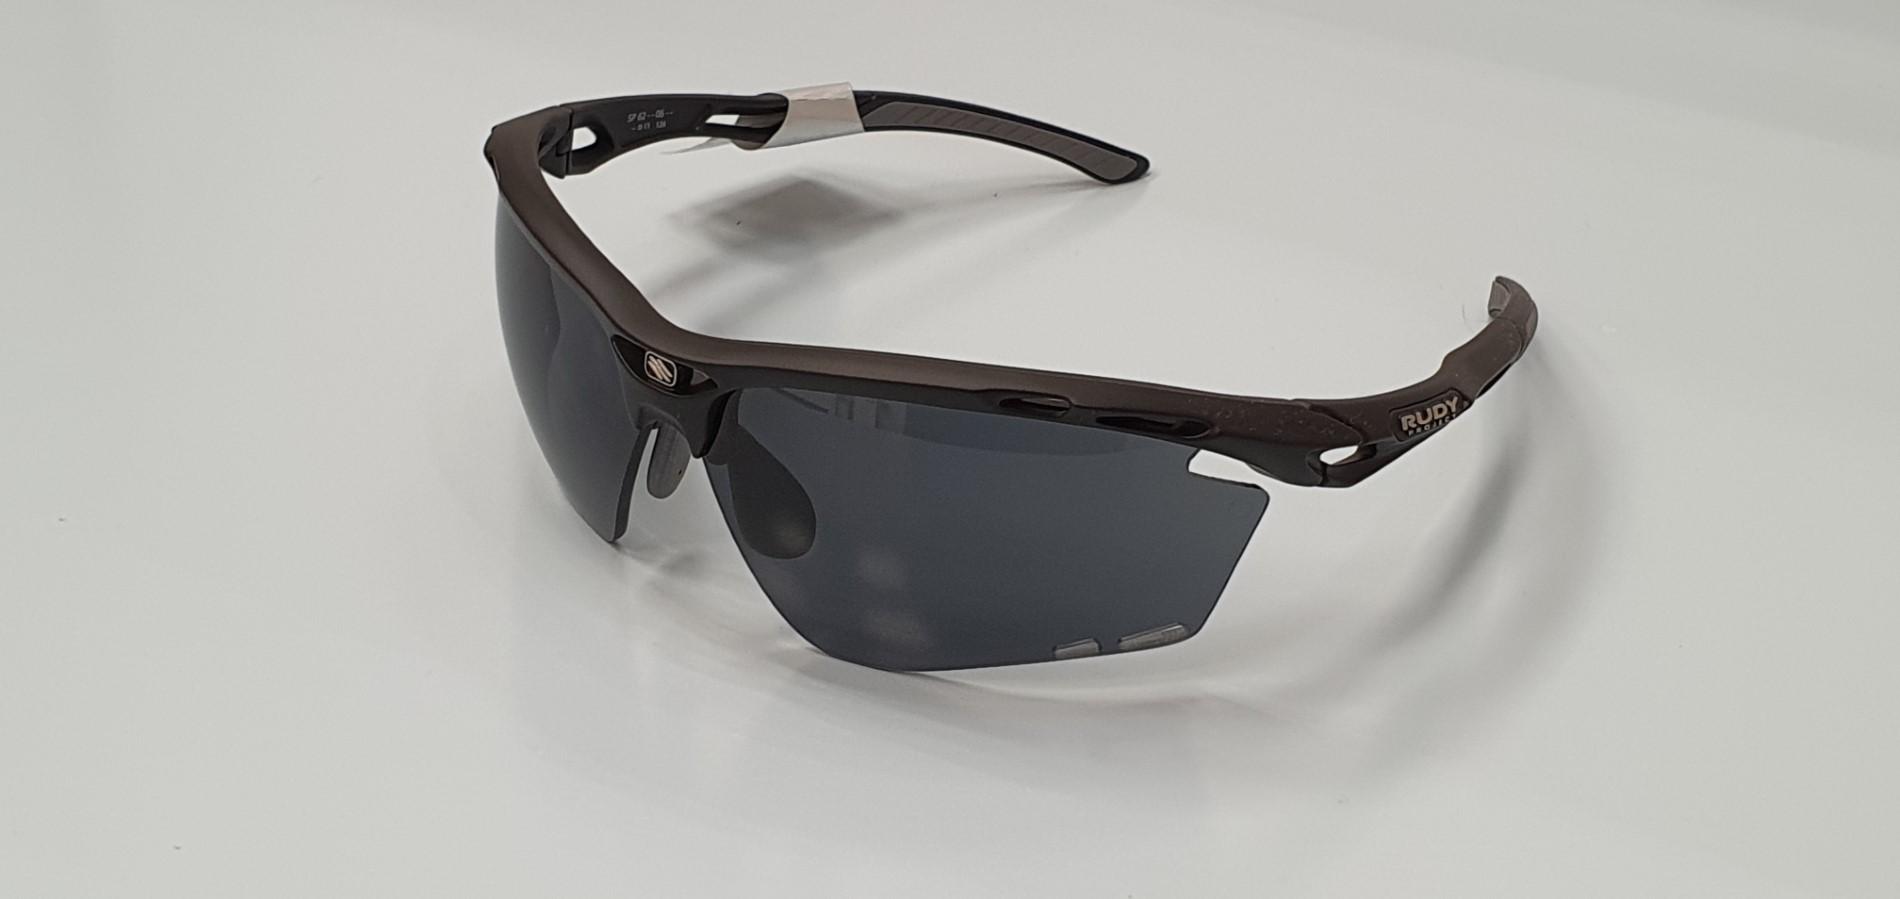 okulary do biegania śląsk